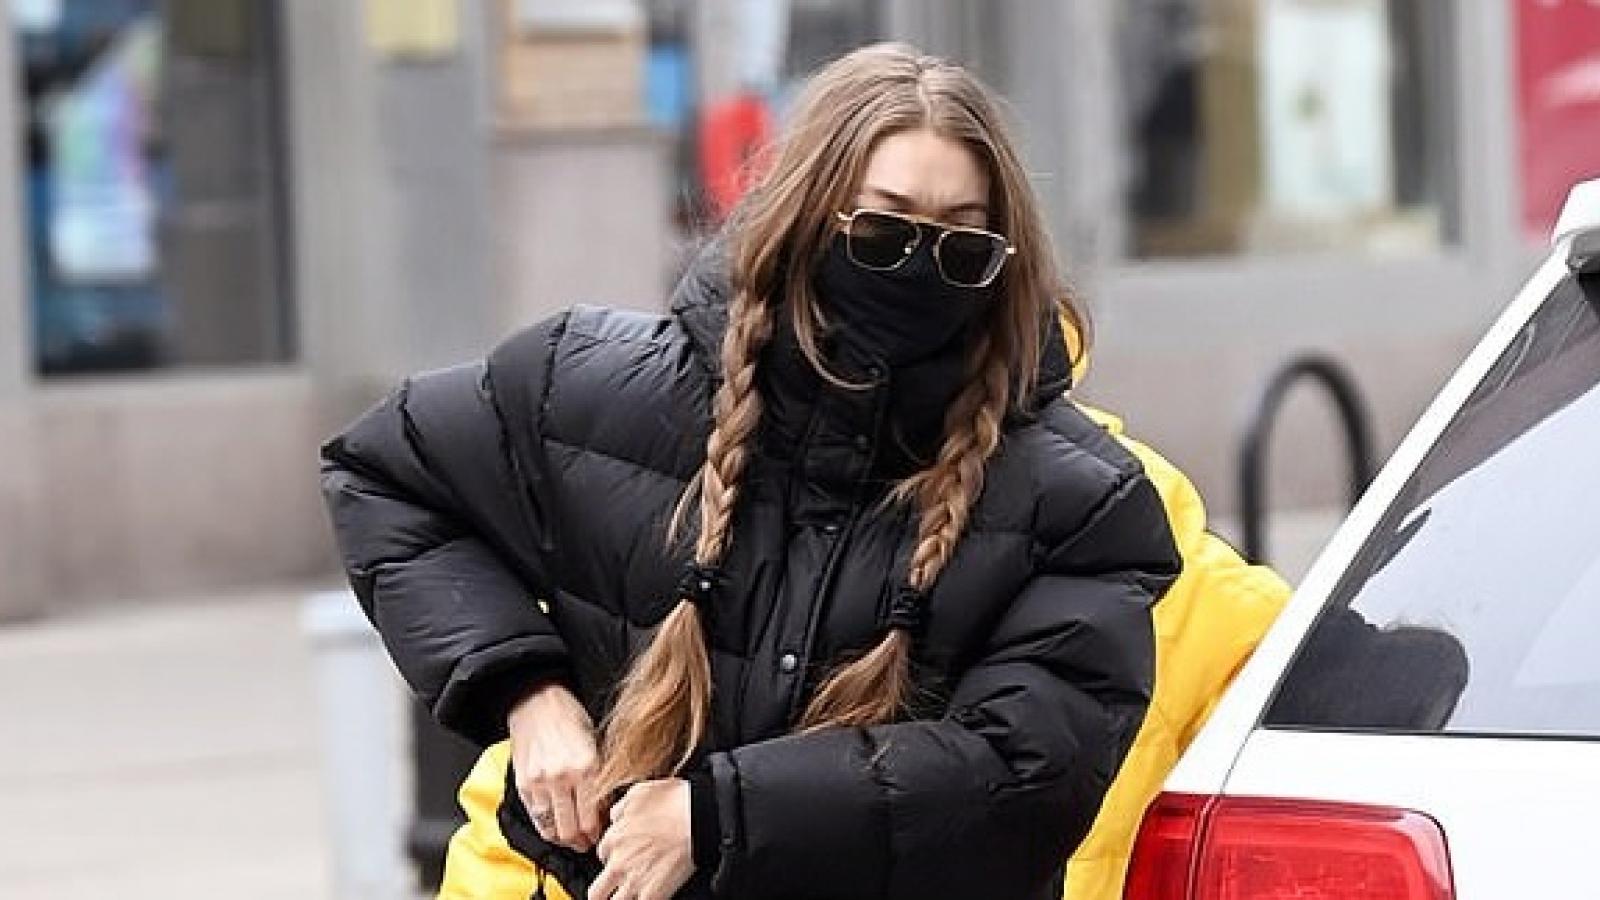 Siêu mẫu Gigi Hadid nhanh chóng lấy lại dáng thon gọn sau gần 6 tháng sinh con